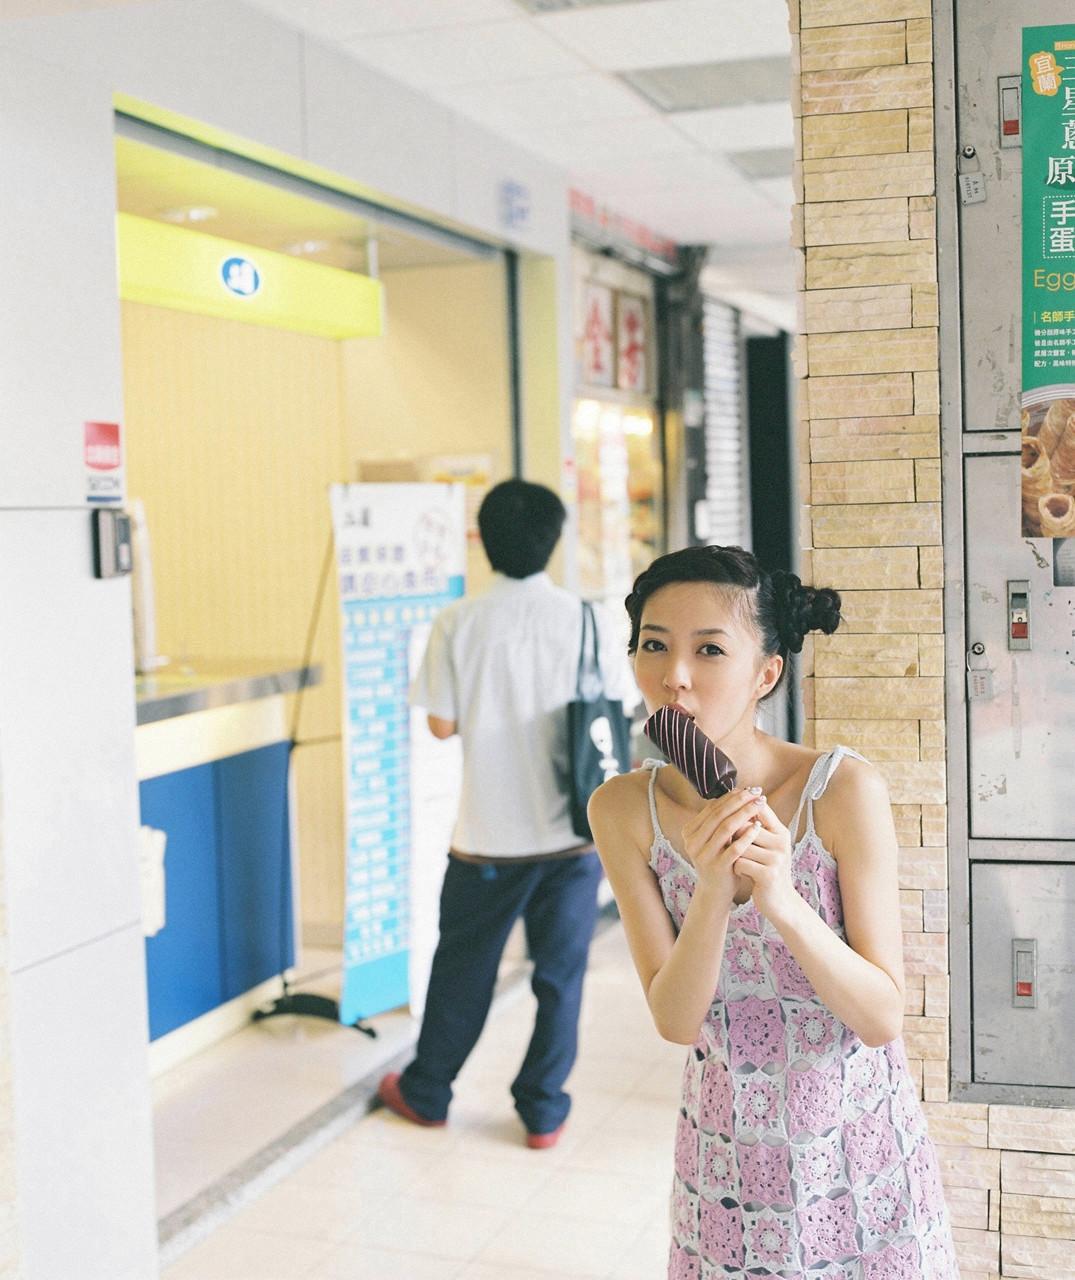 逢沢りな「さよなら、美少女」グラビア 08-05